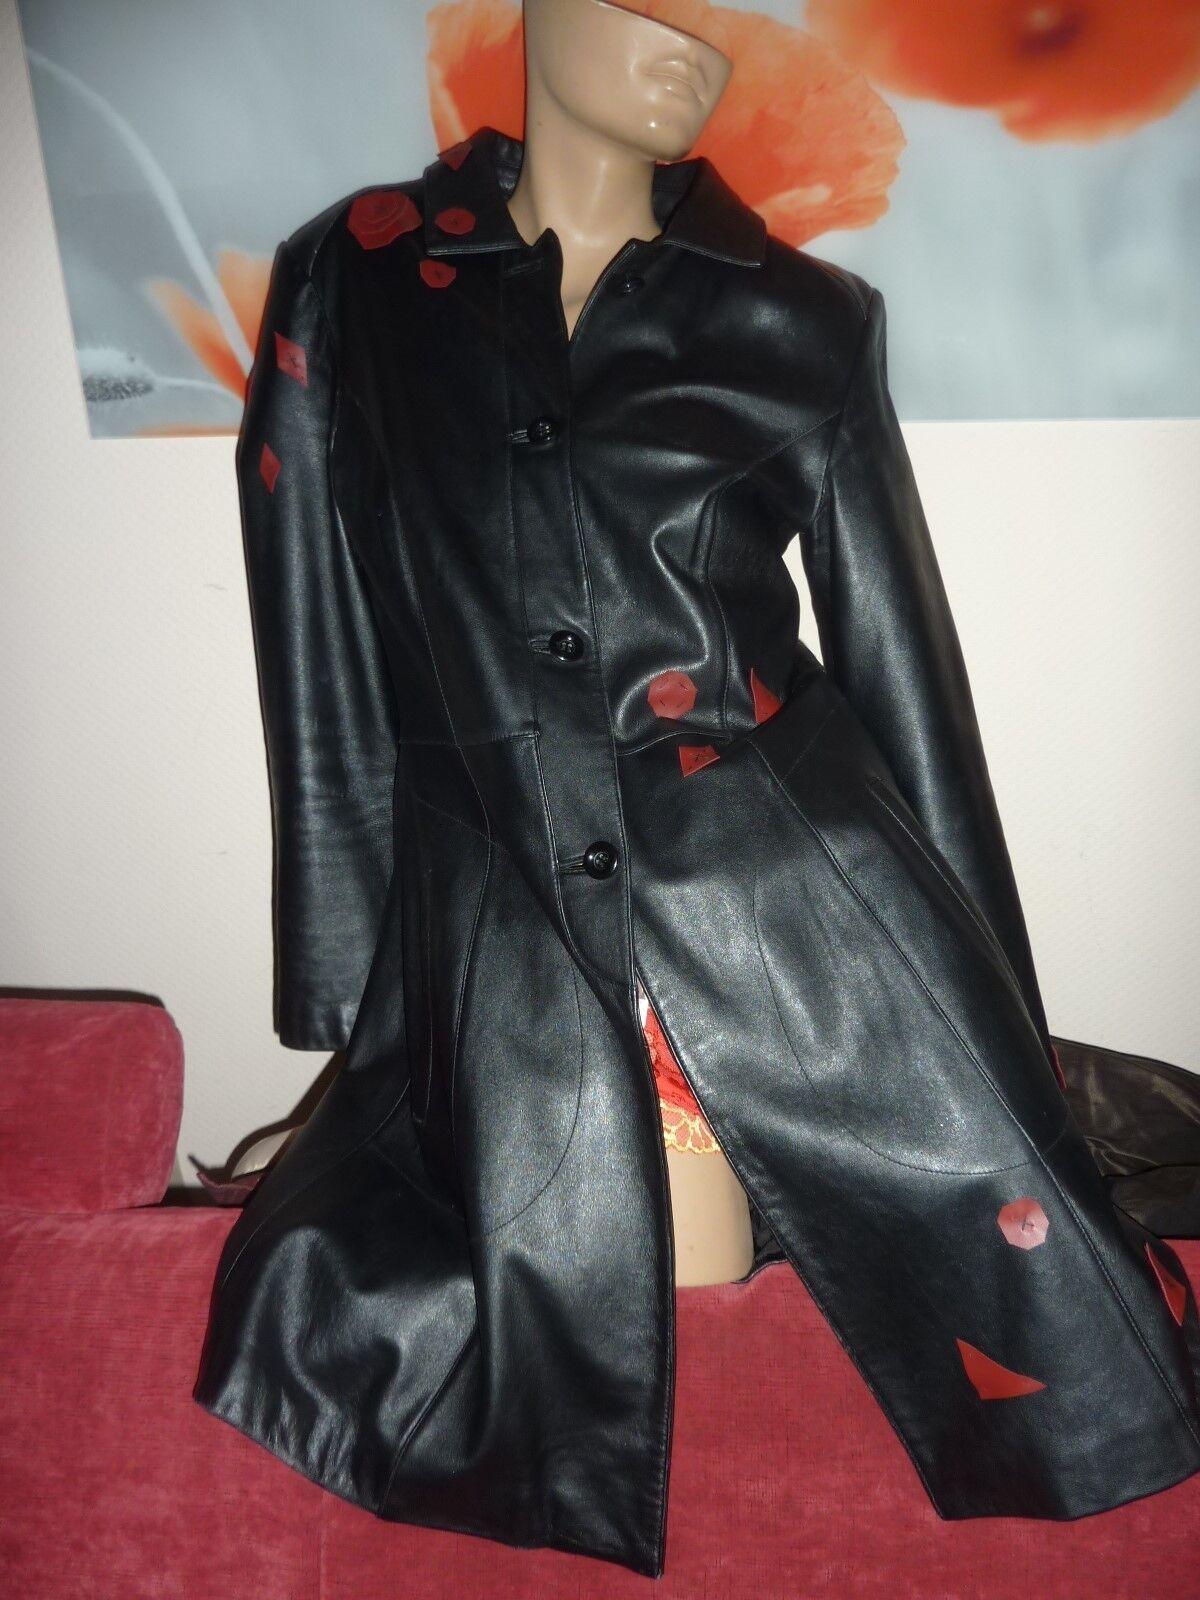 Damen Ledermantel Gr. 40 M schwarz Lederjacke Kurzmantel Jacke Applikationen